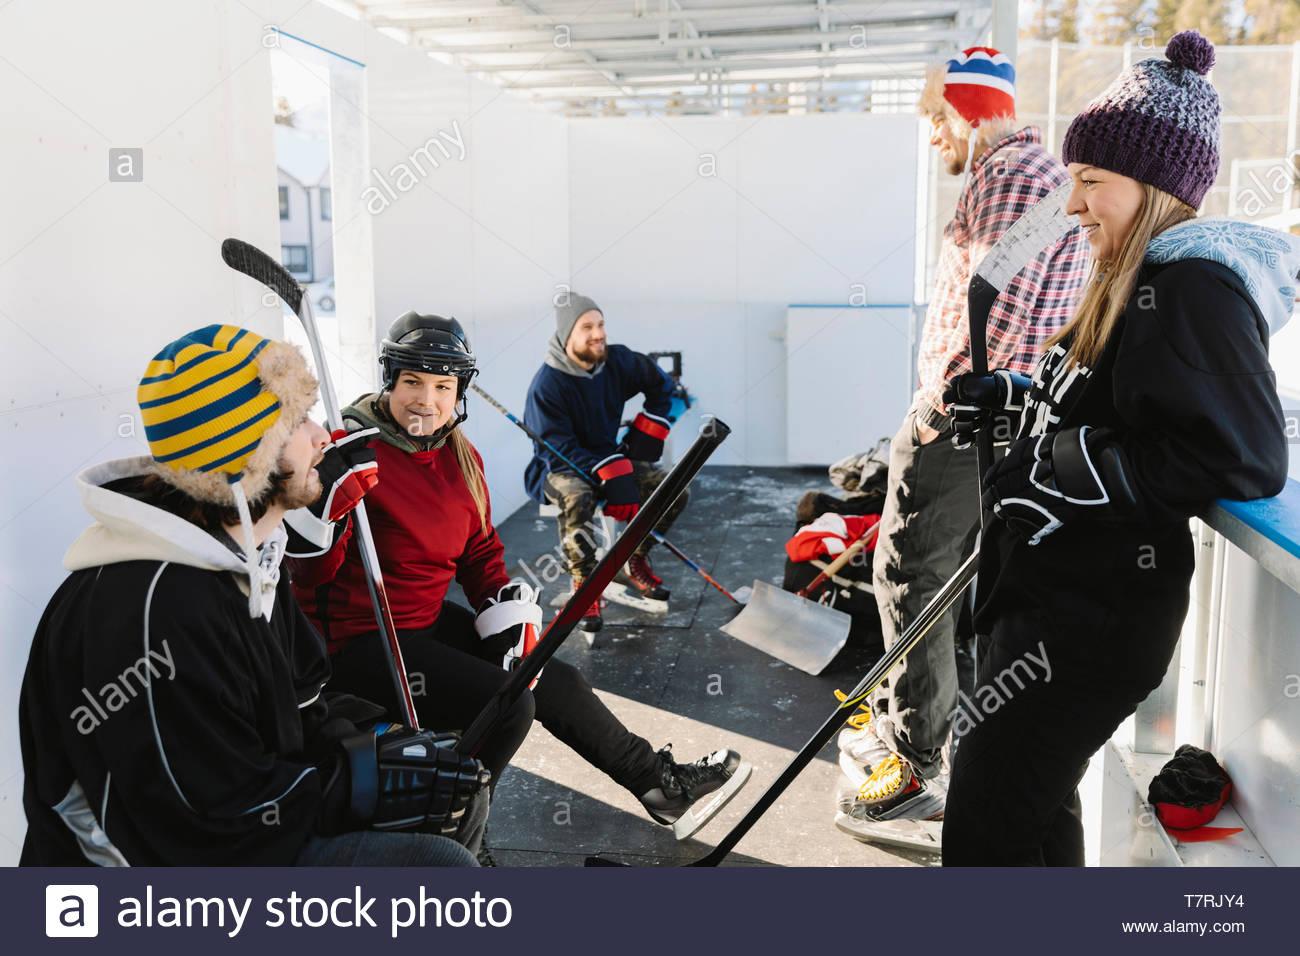 Les amis de prendre une pause de jouer au hockey sur glace en plein air Photo Stock